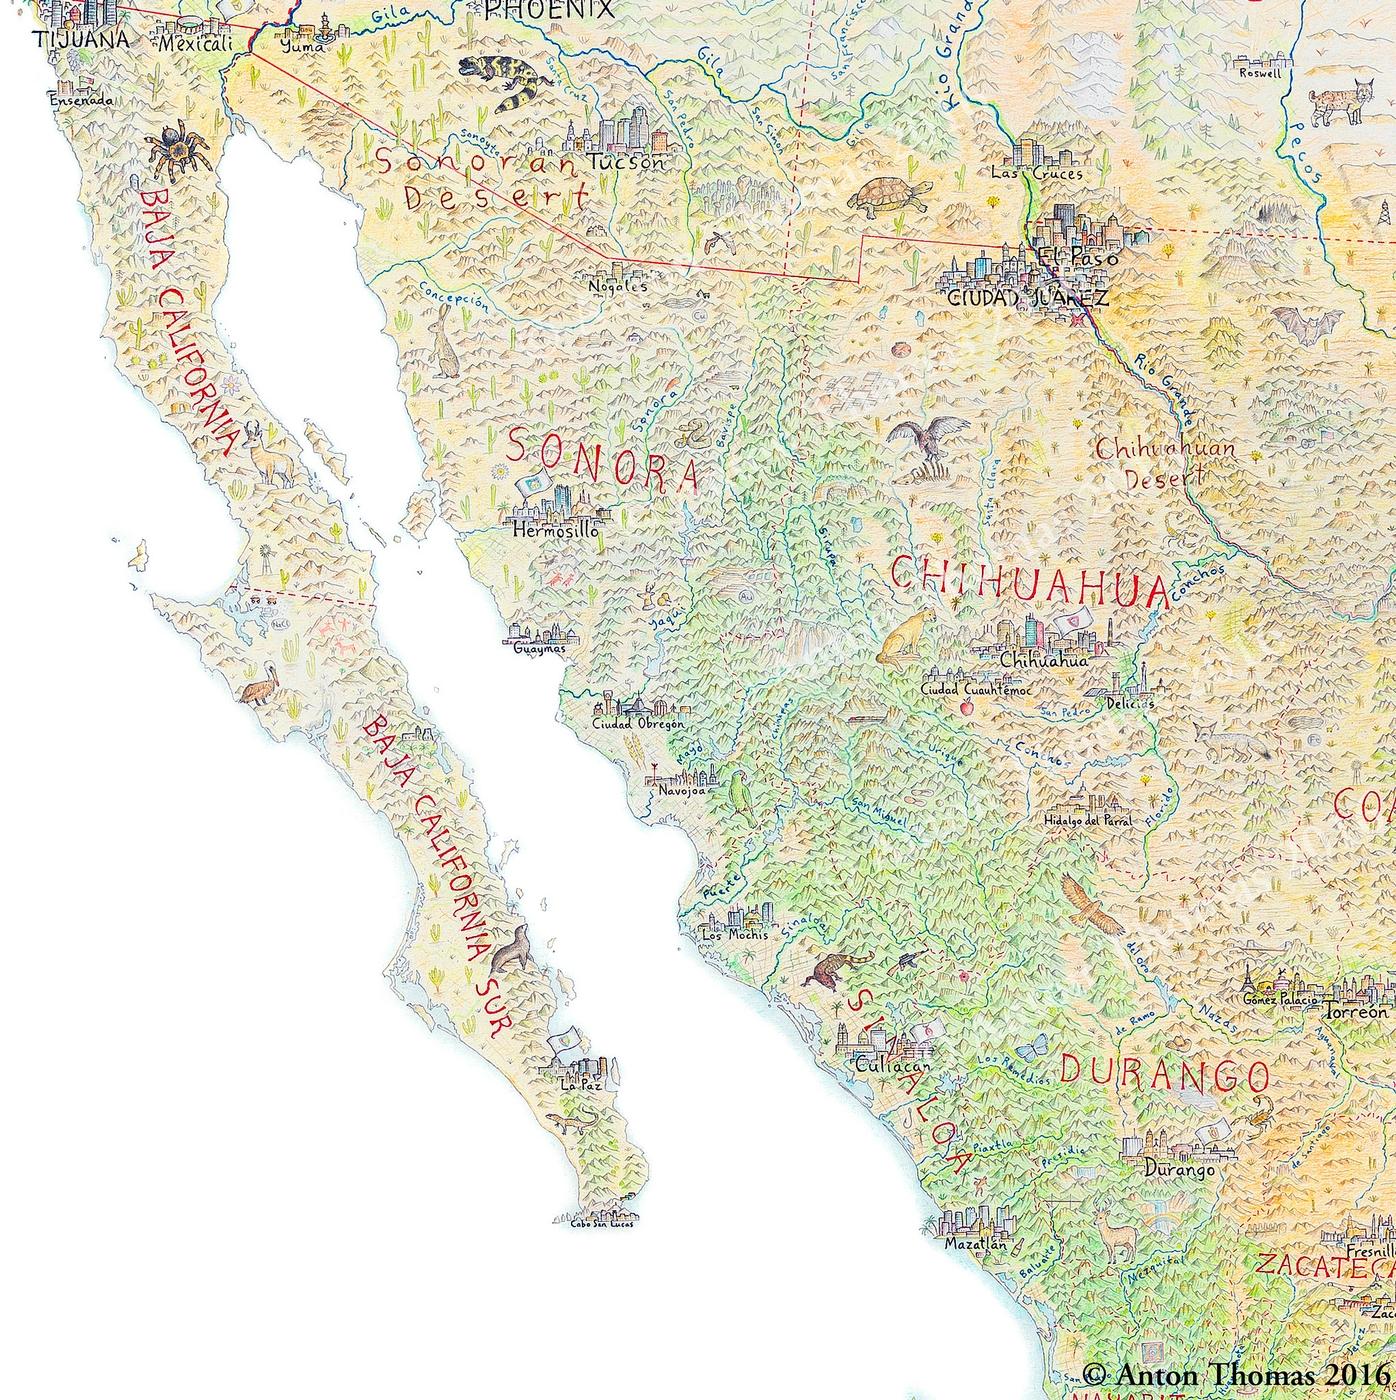 [map] anton thomas [hand drawn] 29627157953_3eae4ddae0_k